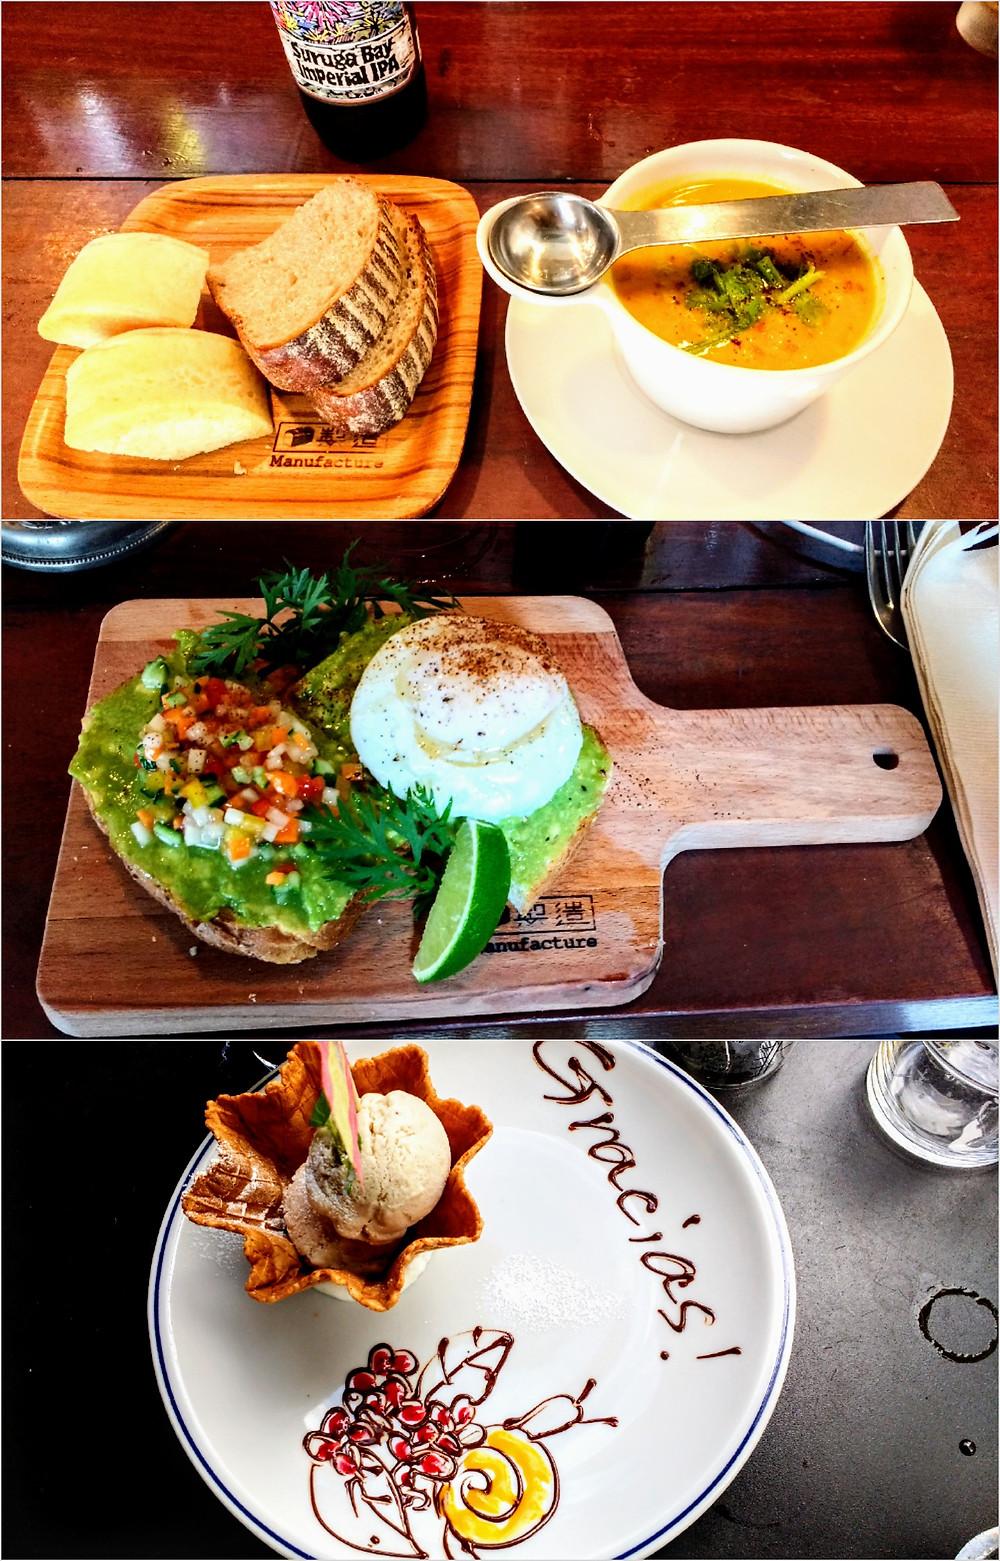 Platos que comimos en el restaurante Suke6 Diner de Tokio